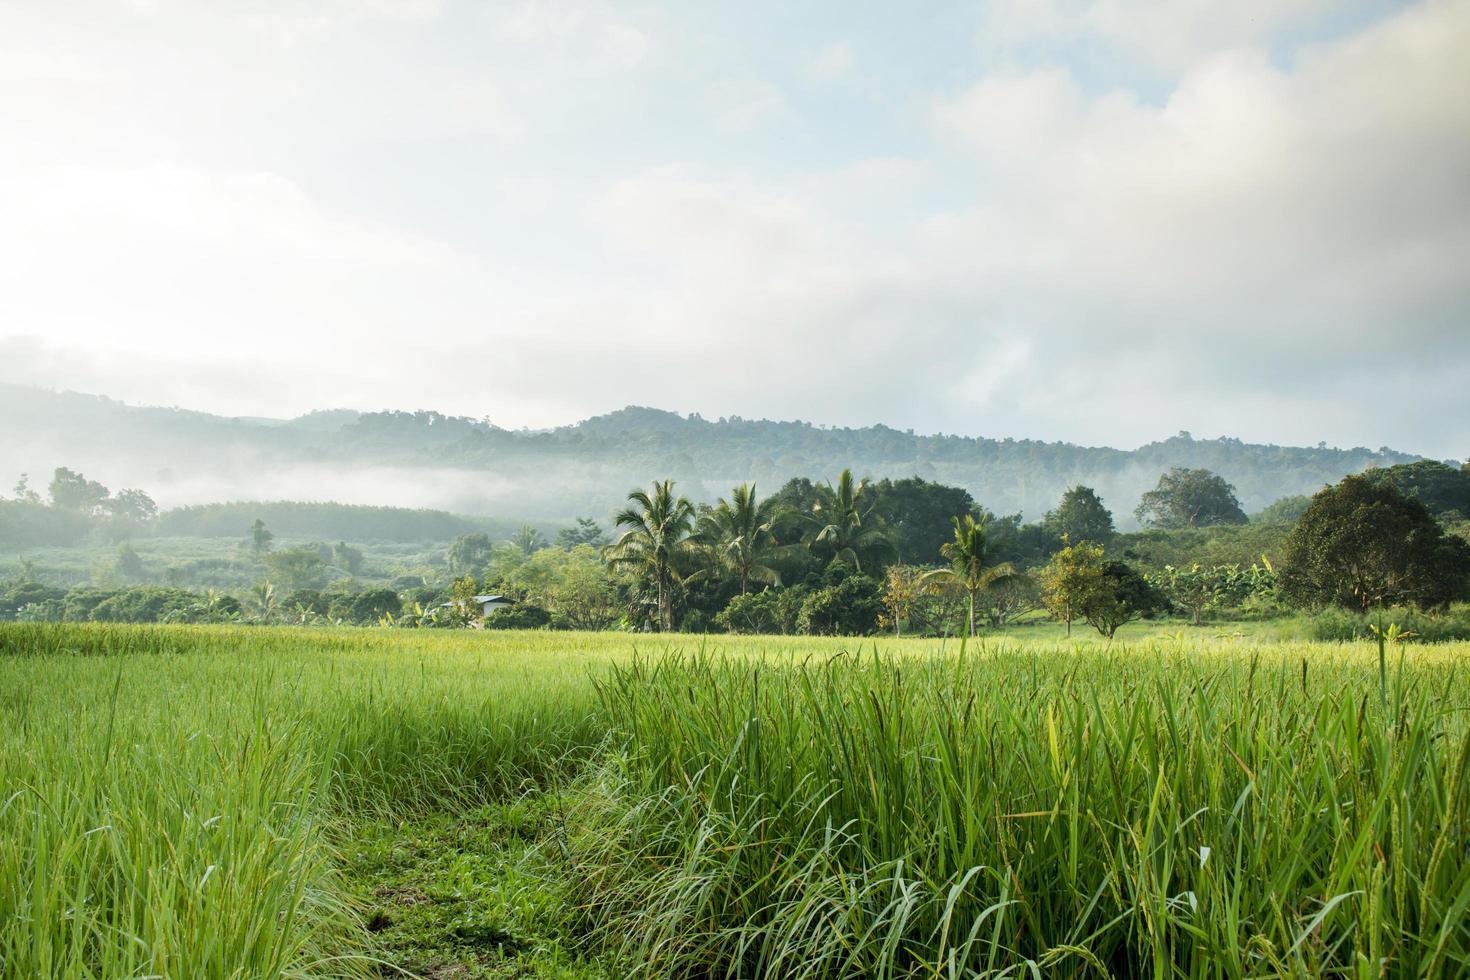 rijstveld in de herfst foto